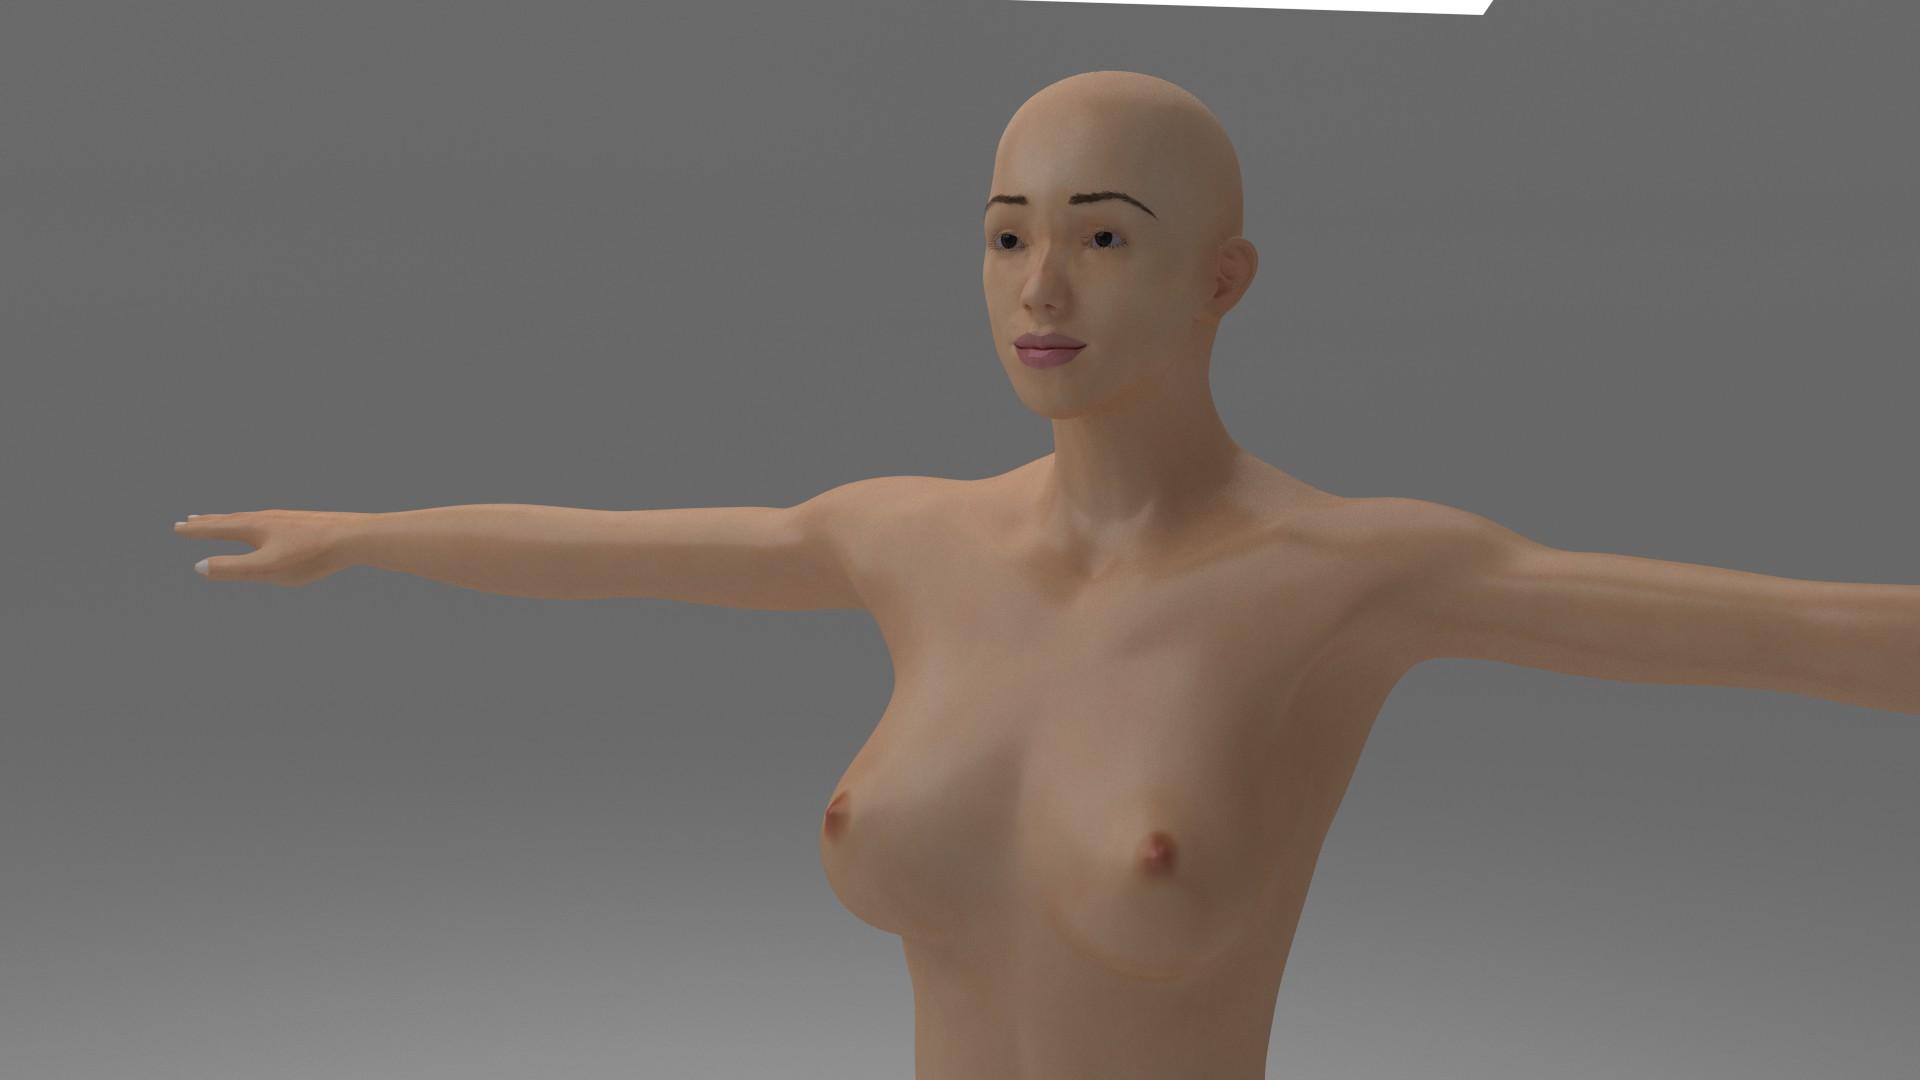 Jailbait none nude pics